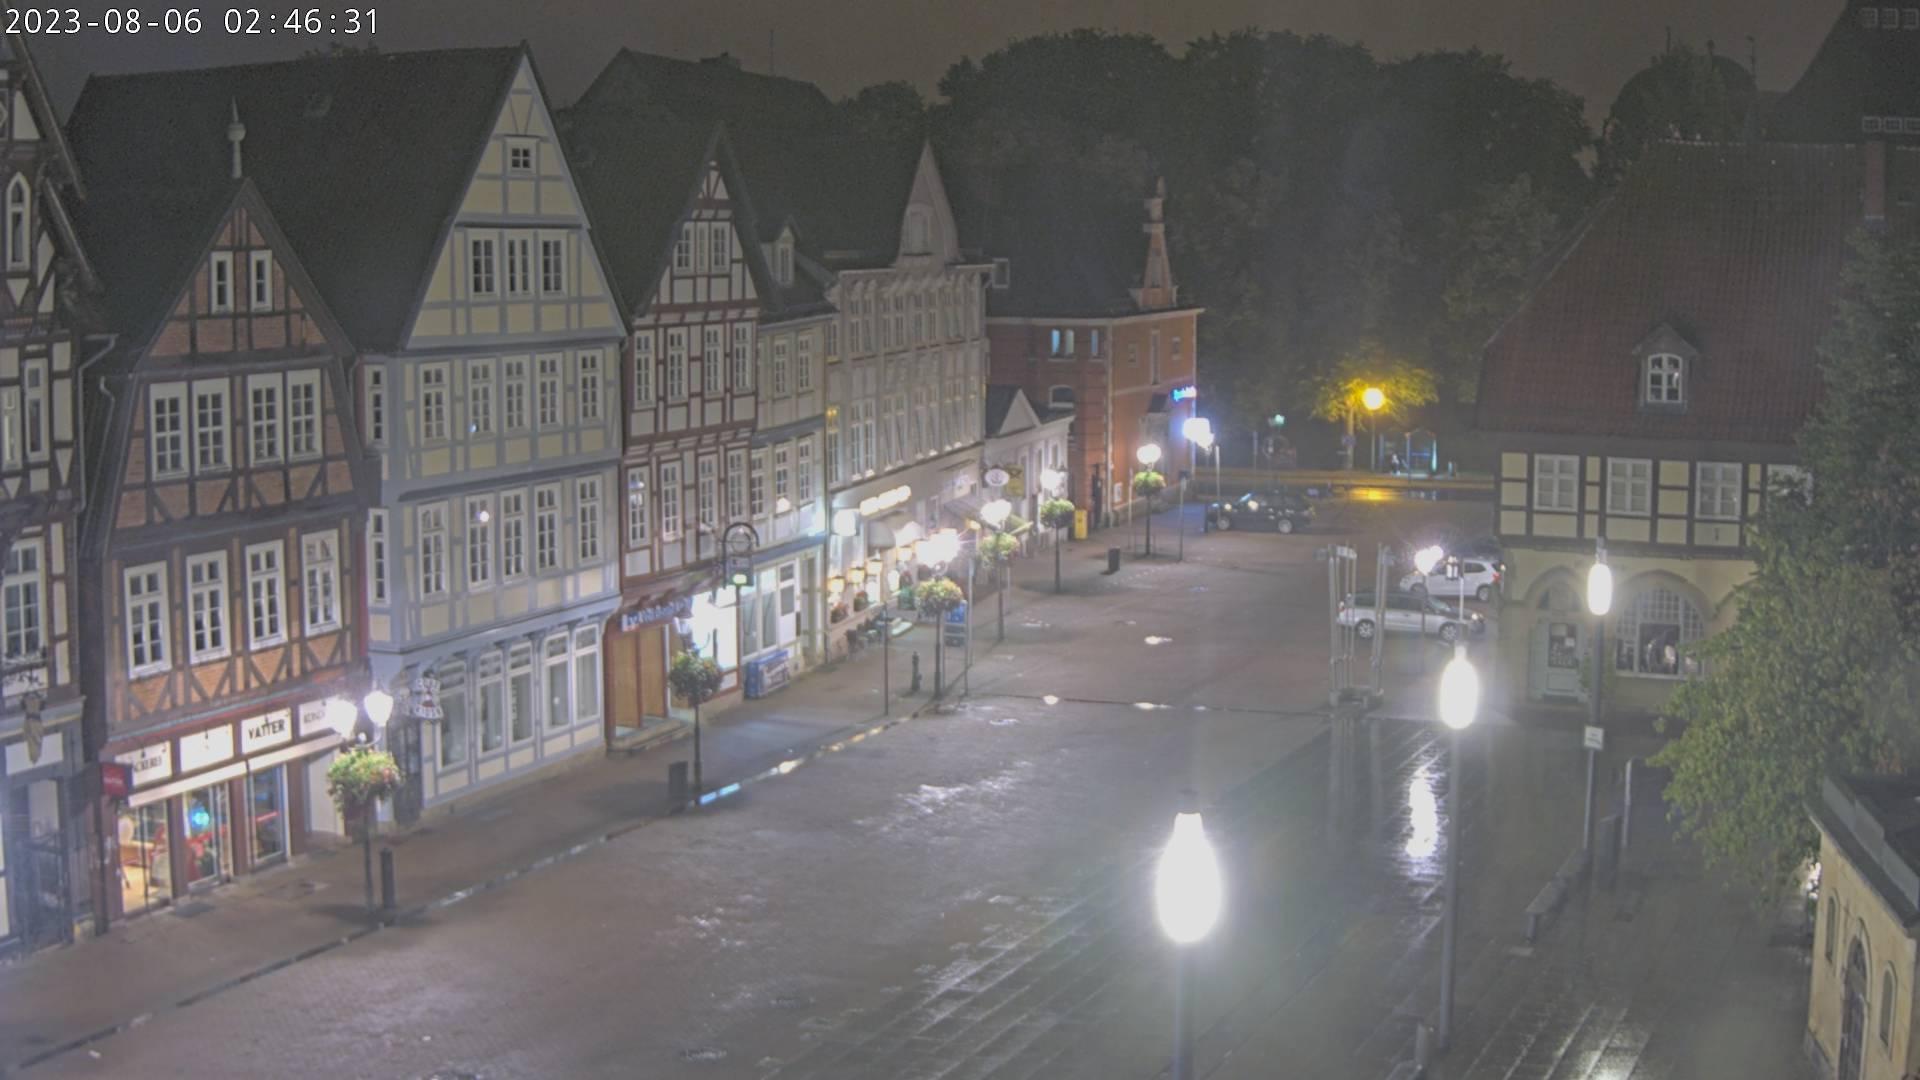 Webkamera Celle: Celler Innenstadt − Stechbahn